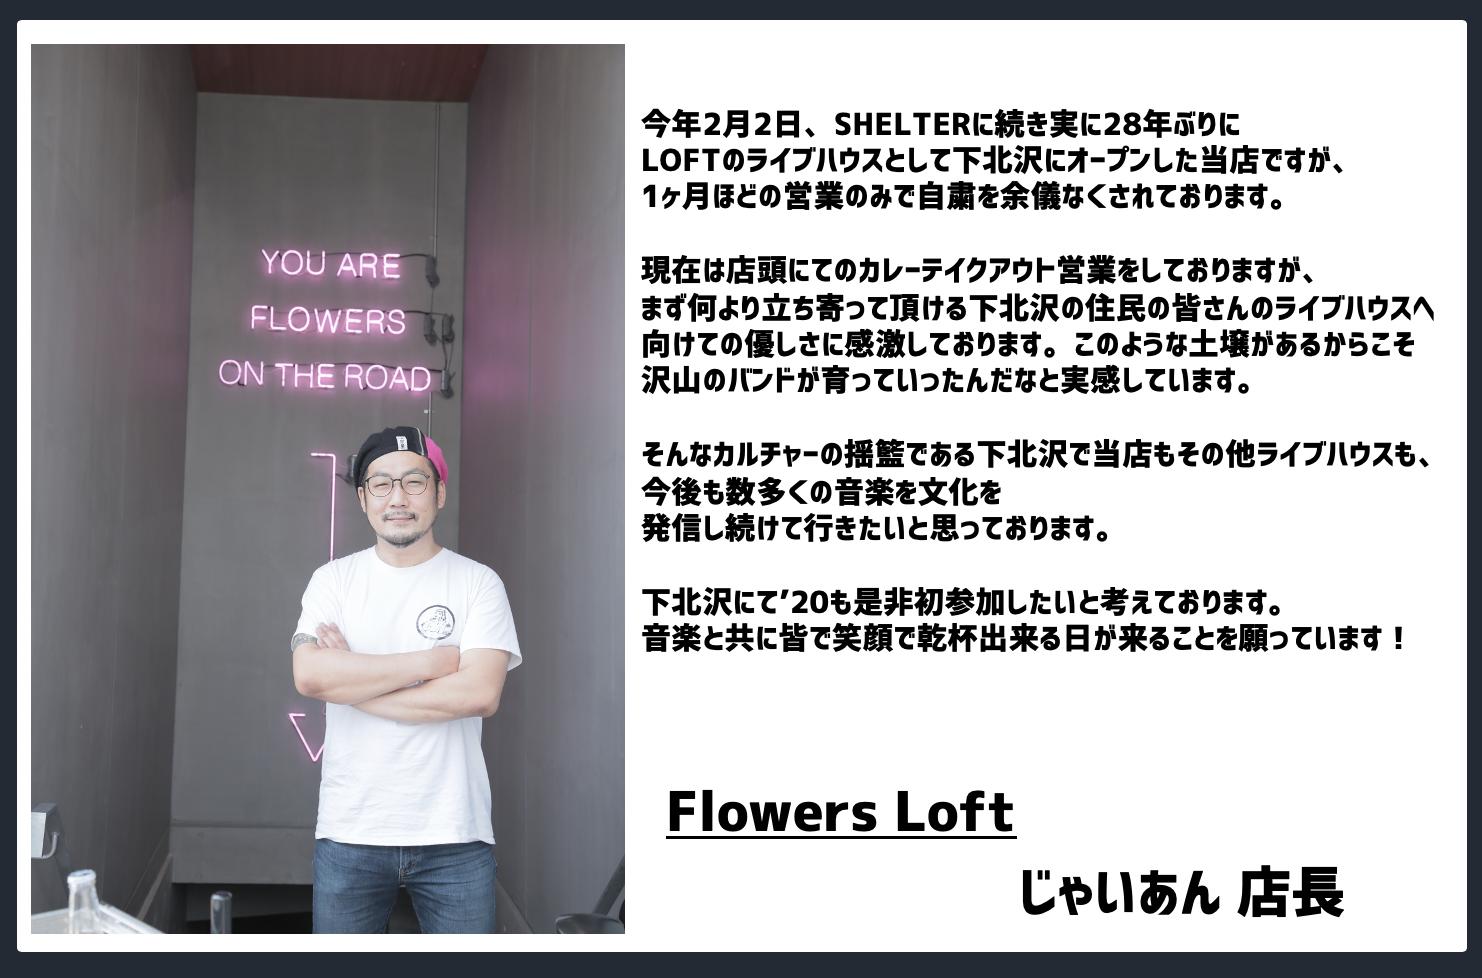 スクリーンショット_2020-05-29_20.20.59.png